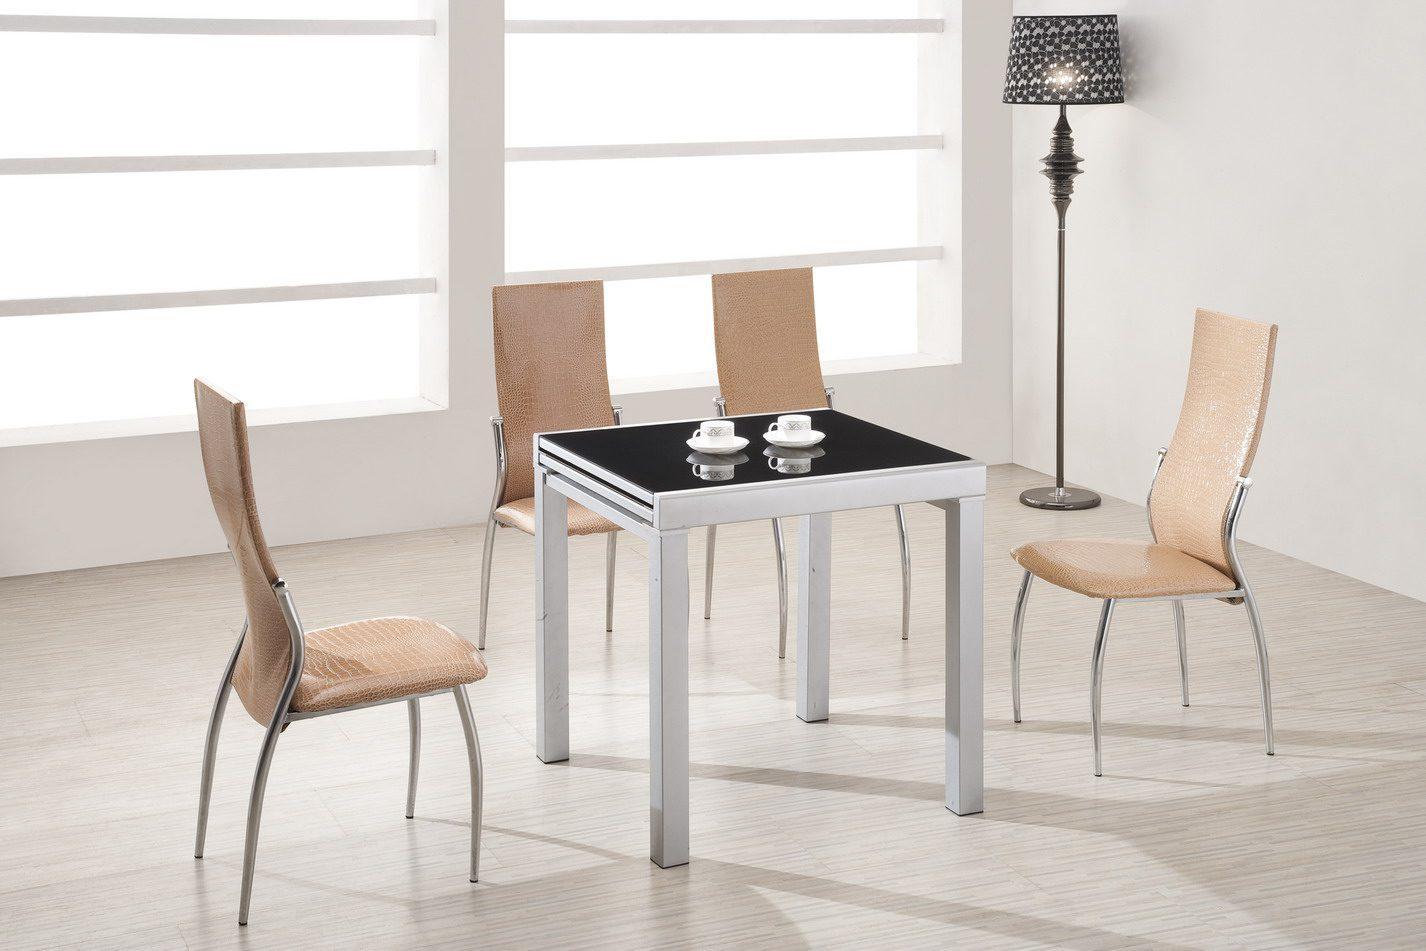 Стол ESF LT4001 черный, Стулья ESF L23